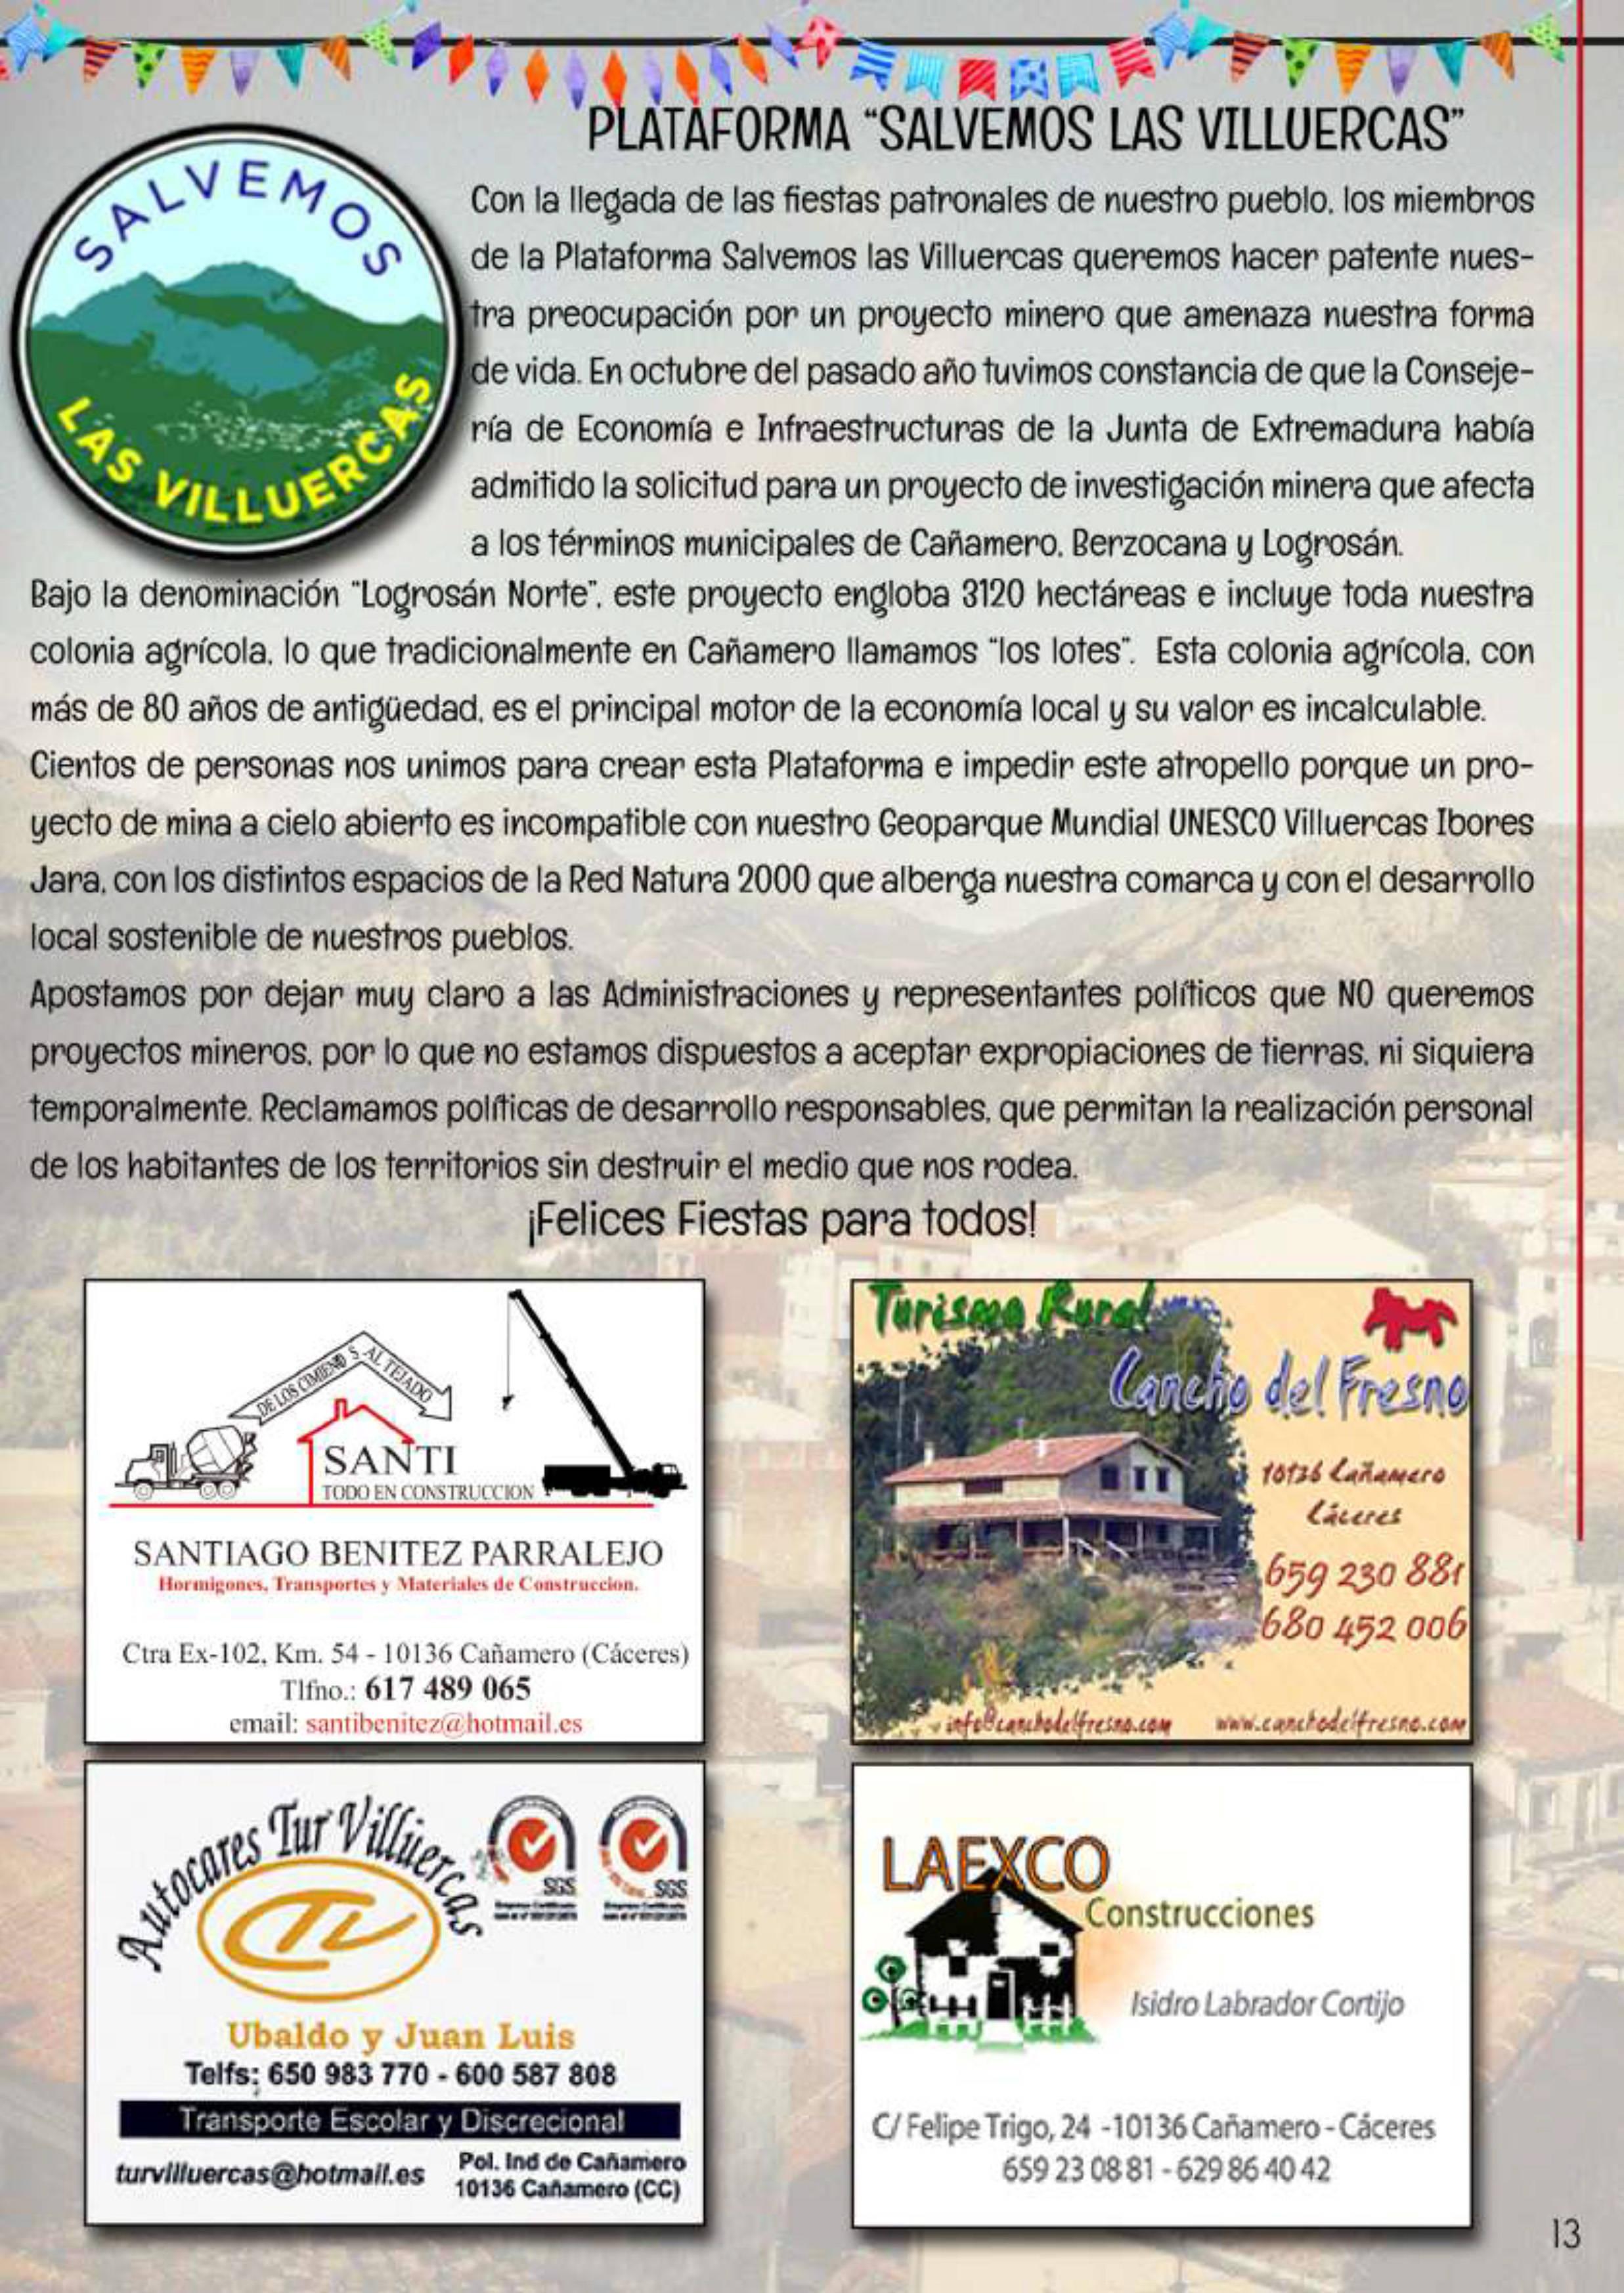 Programa de fiestas patronales 2019 - Cañamero (Cáceres) 10